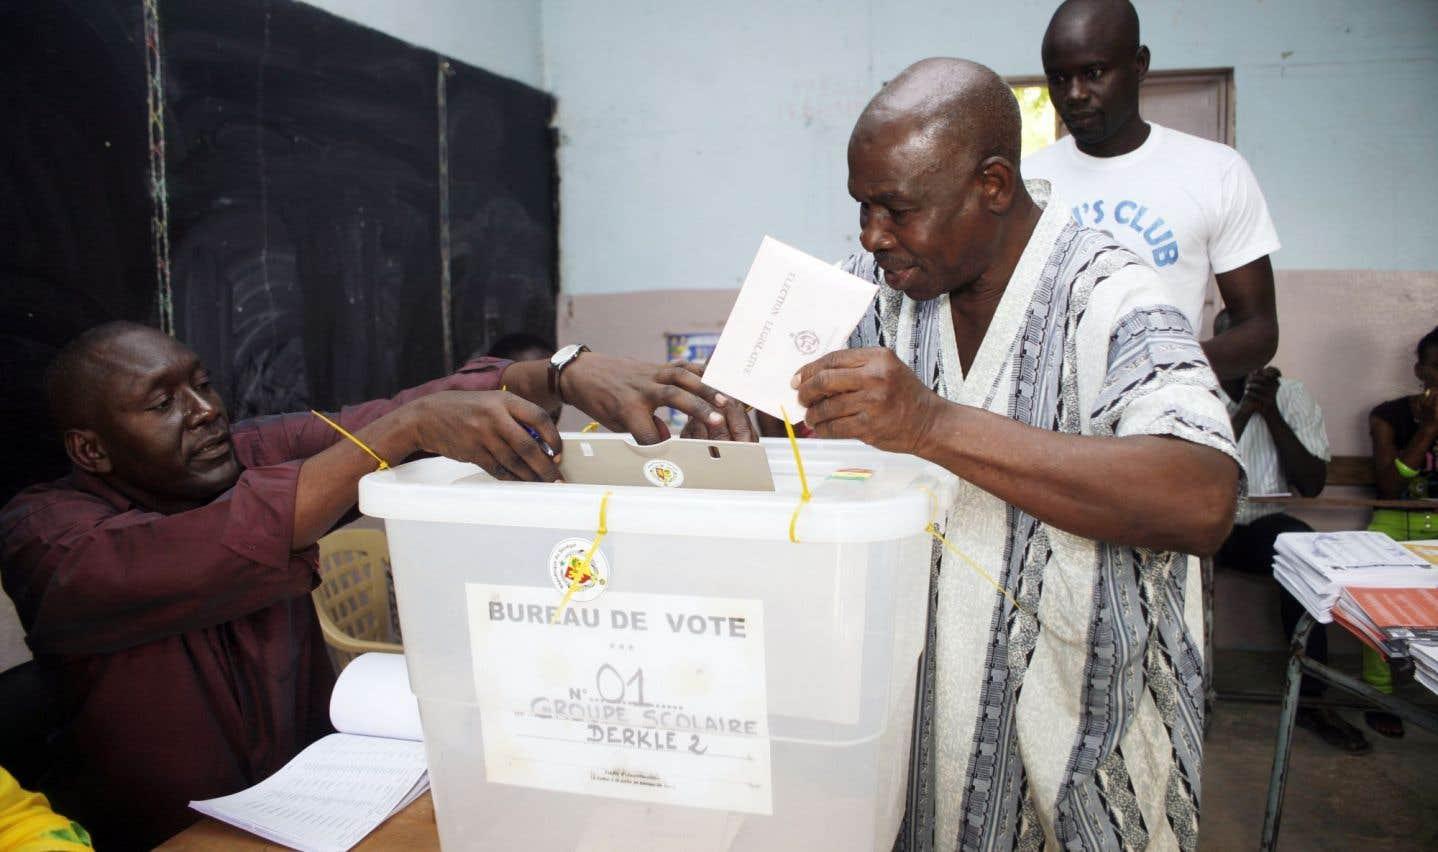 «Dans les faits, il faut voir les élections comme un cycle en continu et professionnaliser les administrations électorales de façon à ce que tout ne soit pas à recommencer chaque fois. C'est là la mission du RECEF», soutient la directrice générale des élections (DGE), Me Lucie Fiset.